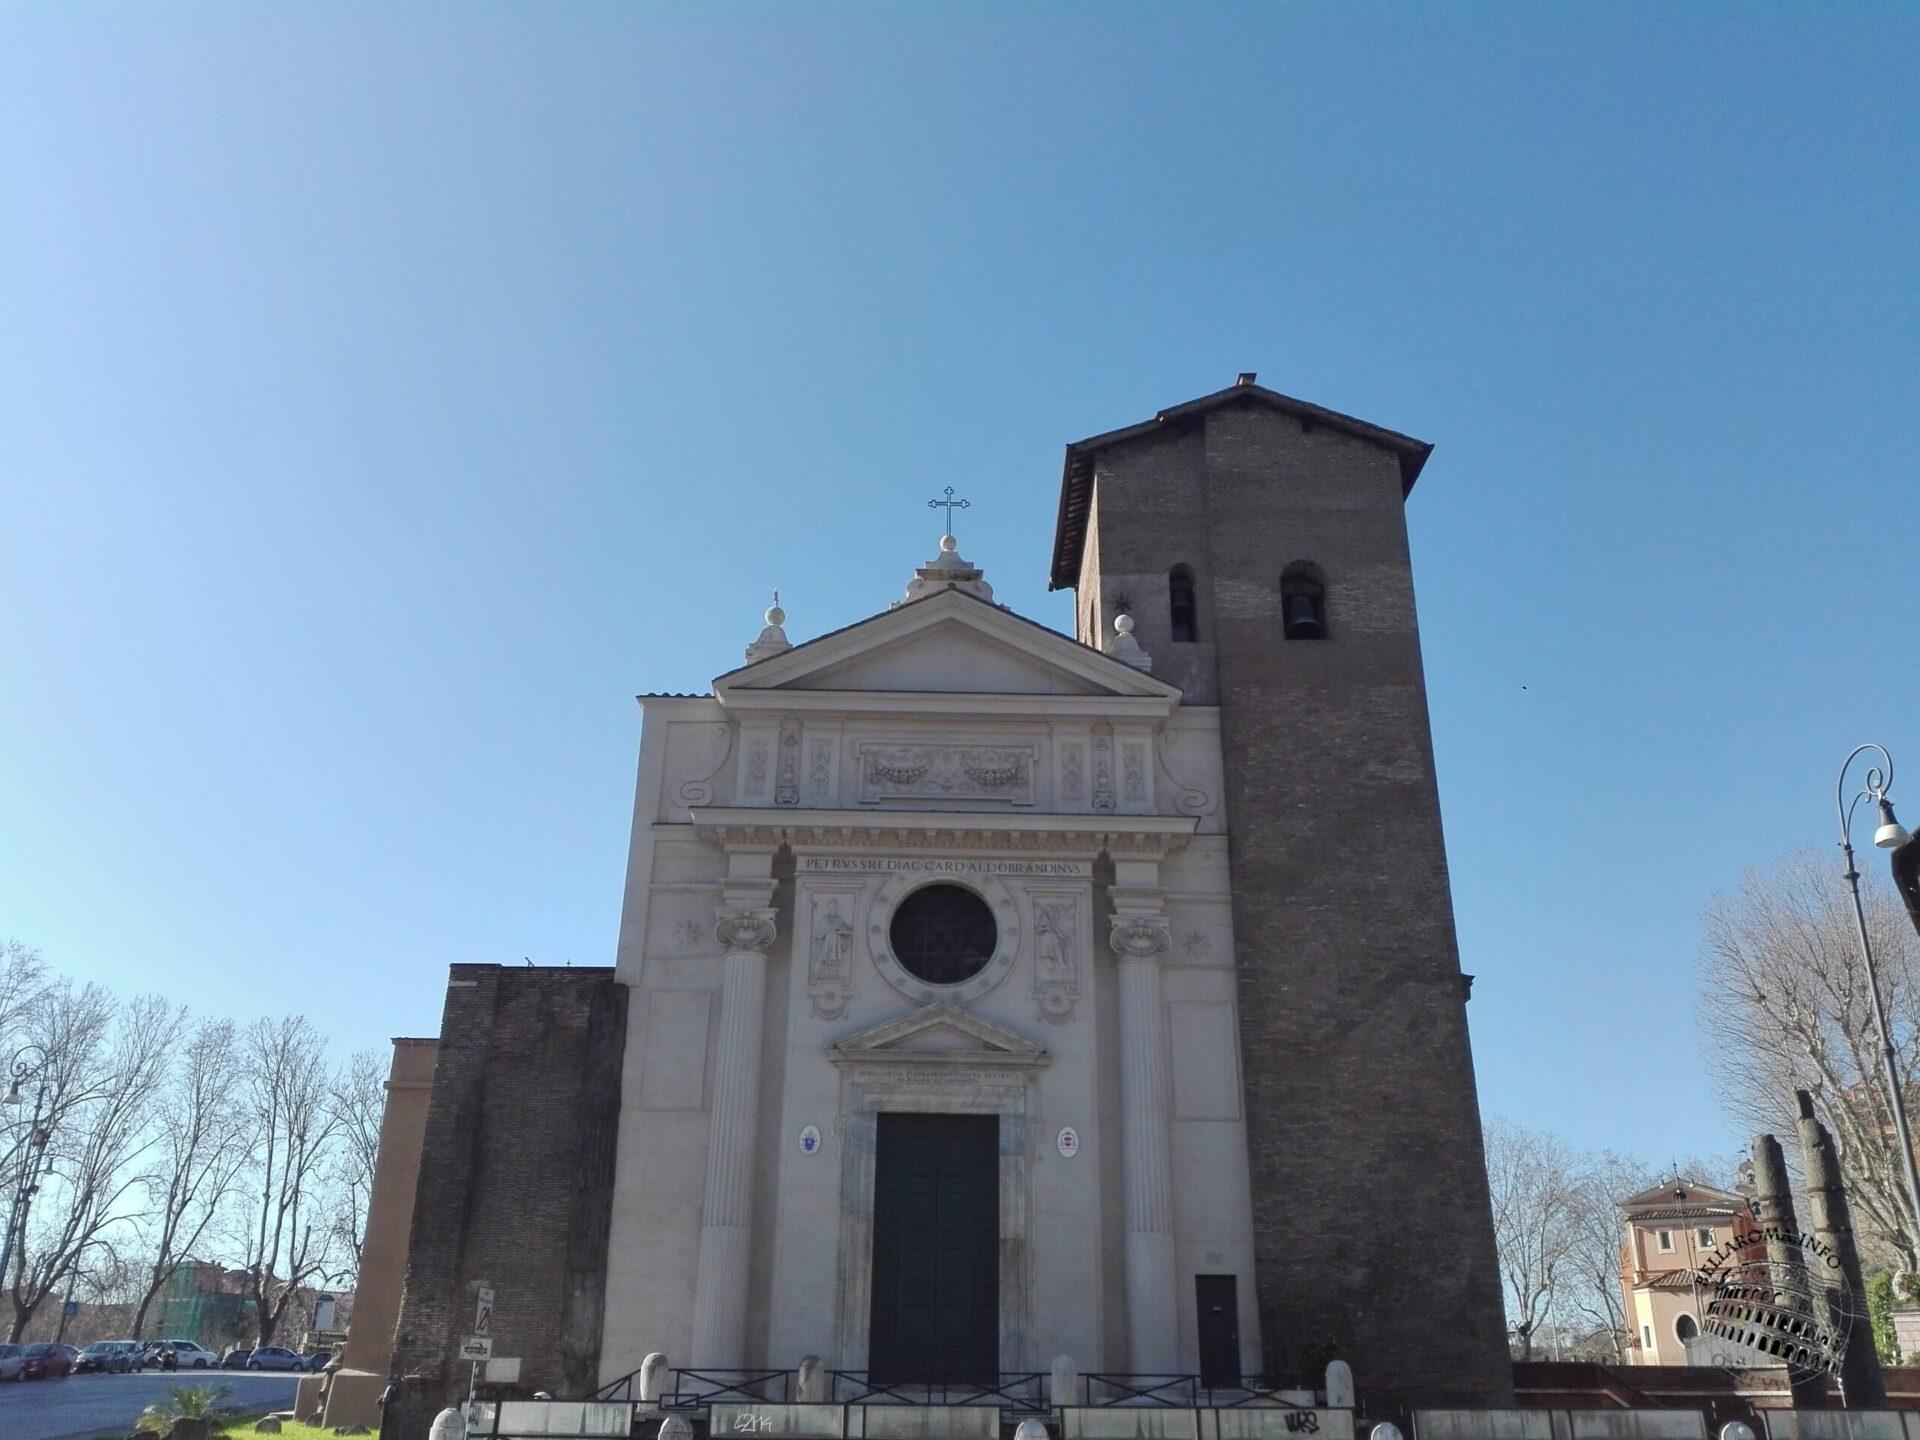 Chiesa di San Nicola in Carcere